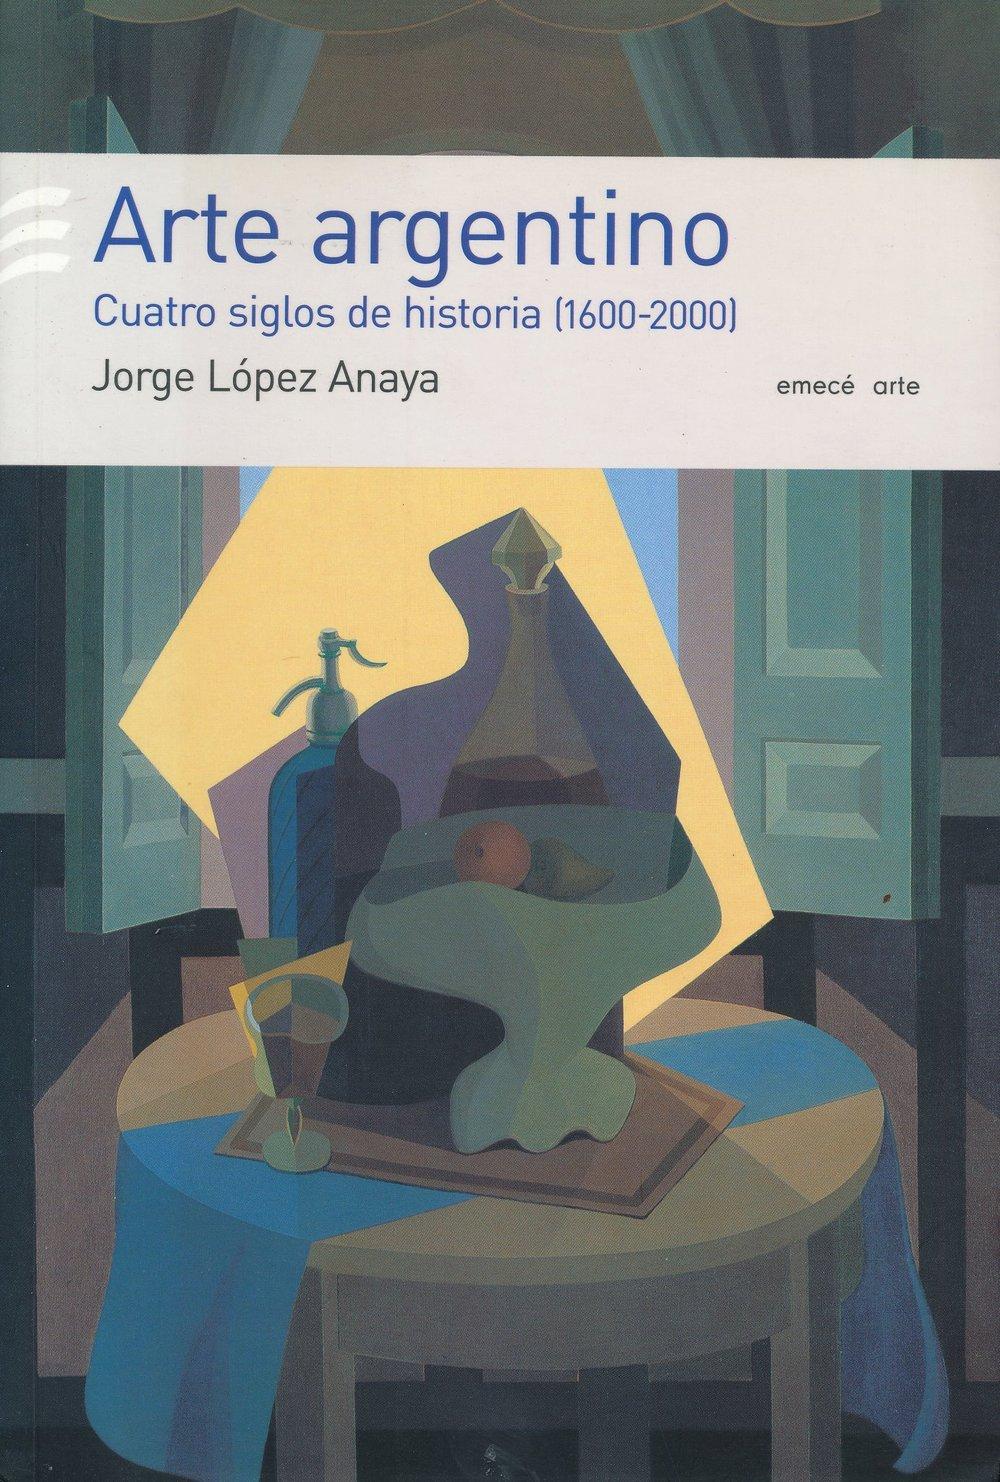 Jorge Lopez Anaya, Arte Argentino, Cuatro Siglos de Historia (1600-2000), 2005